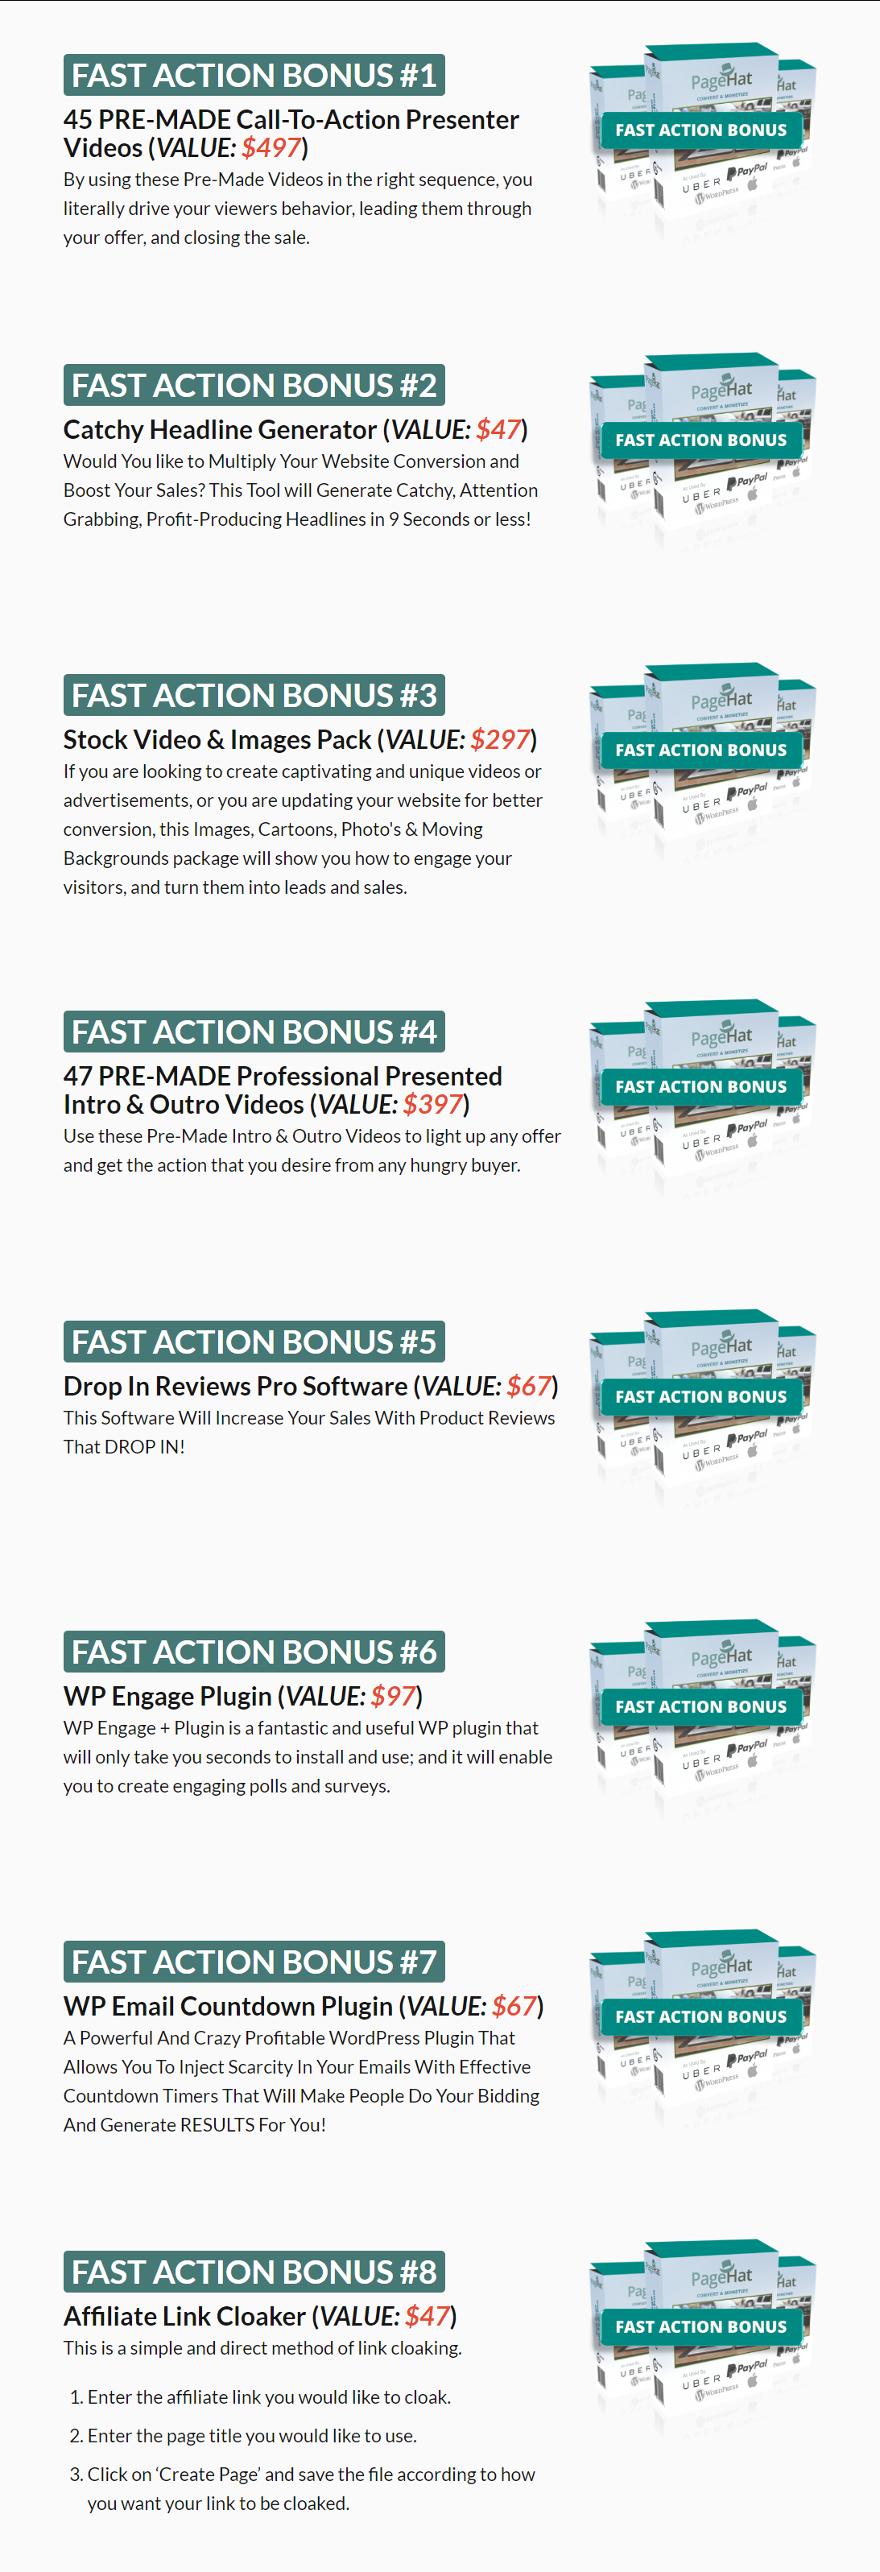 PageHat Bonuses